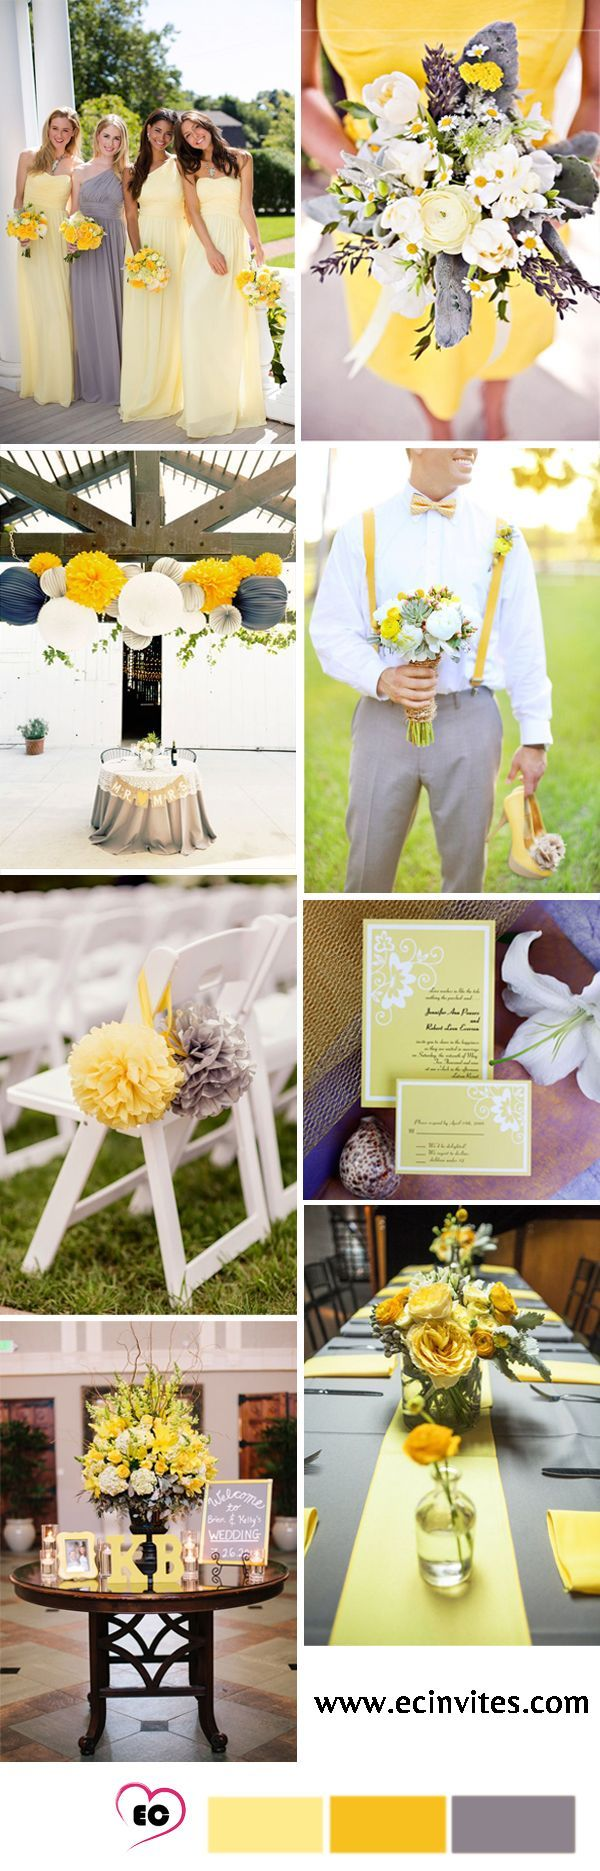 Amarillo y gris como paleta de colores para la decoración de tu boda. #BodasAmarillo